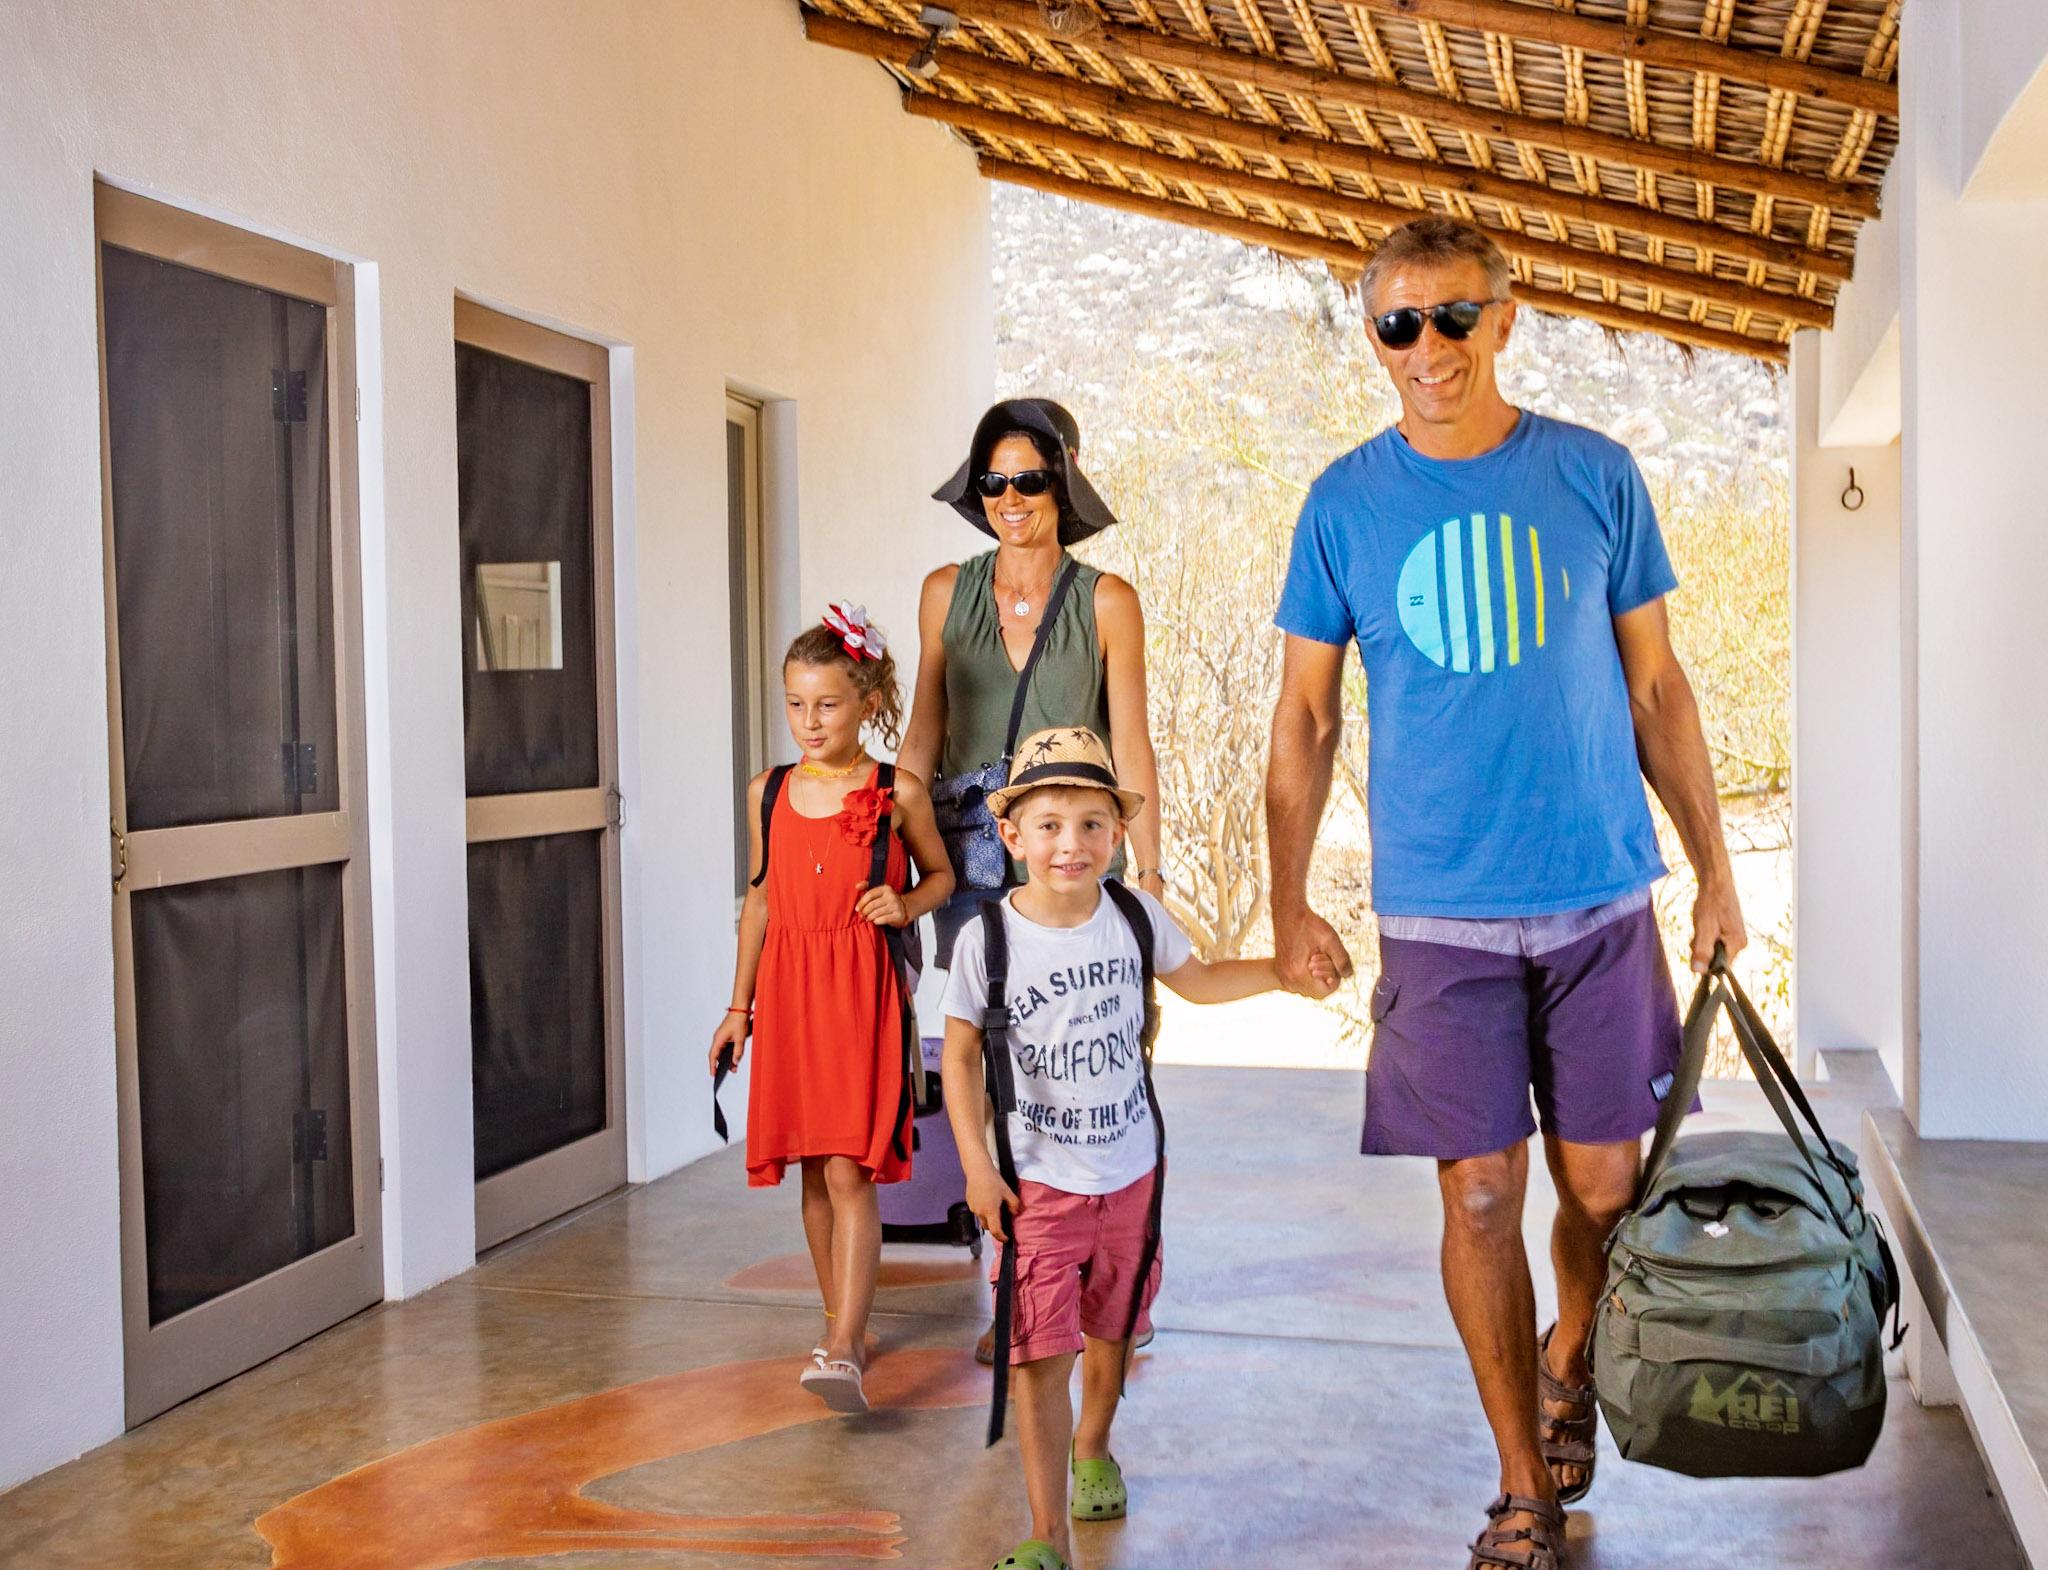 Chivato_Family_Vacation.jpg